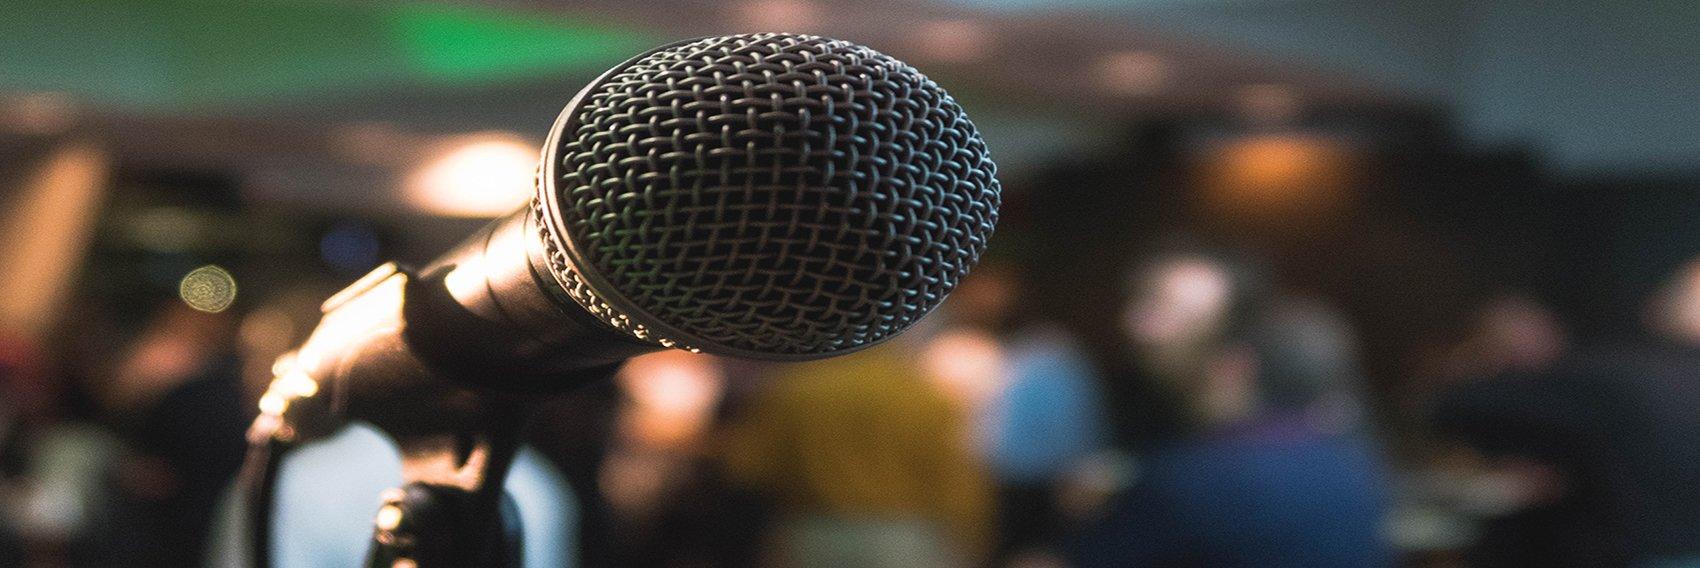 Public Speaking Tips To Release Fear